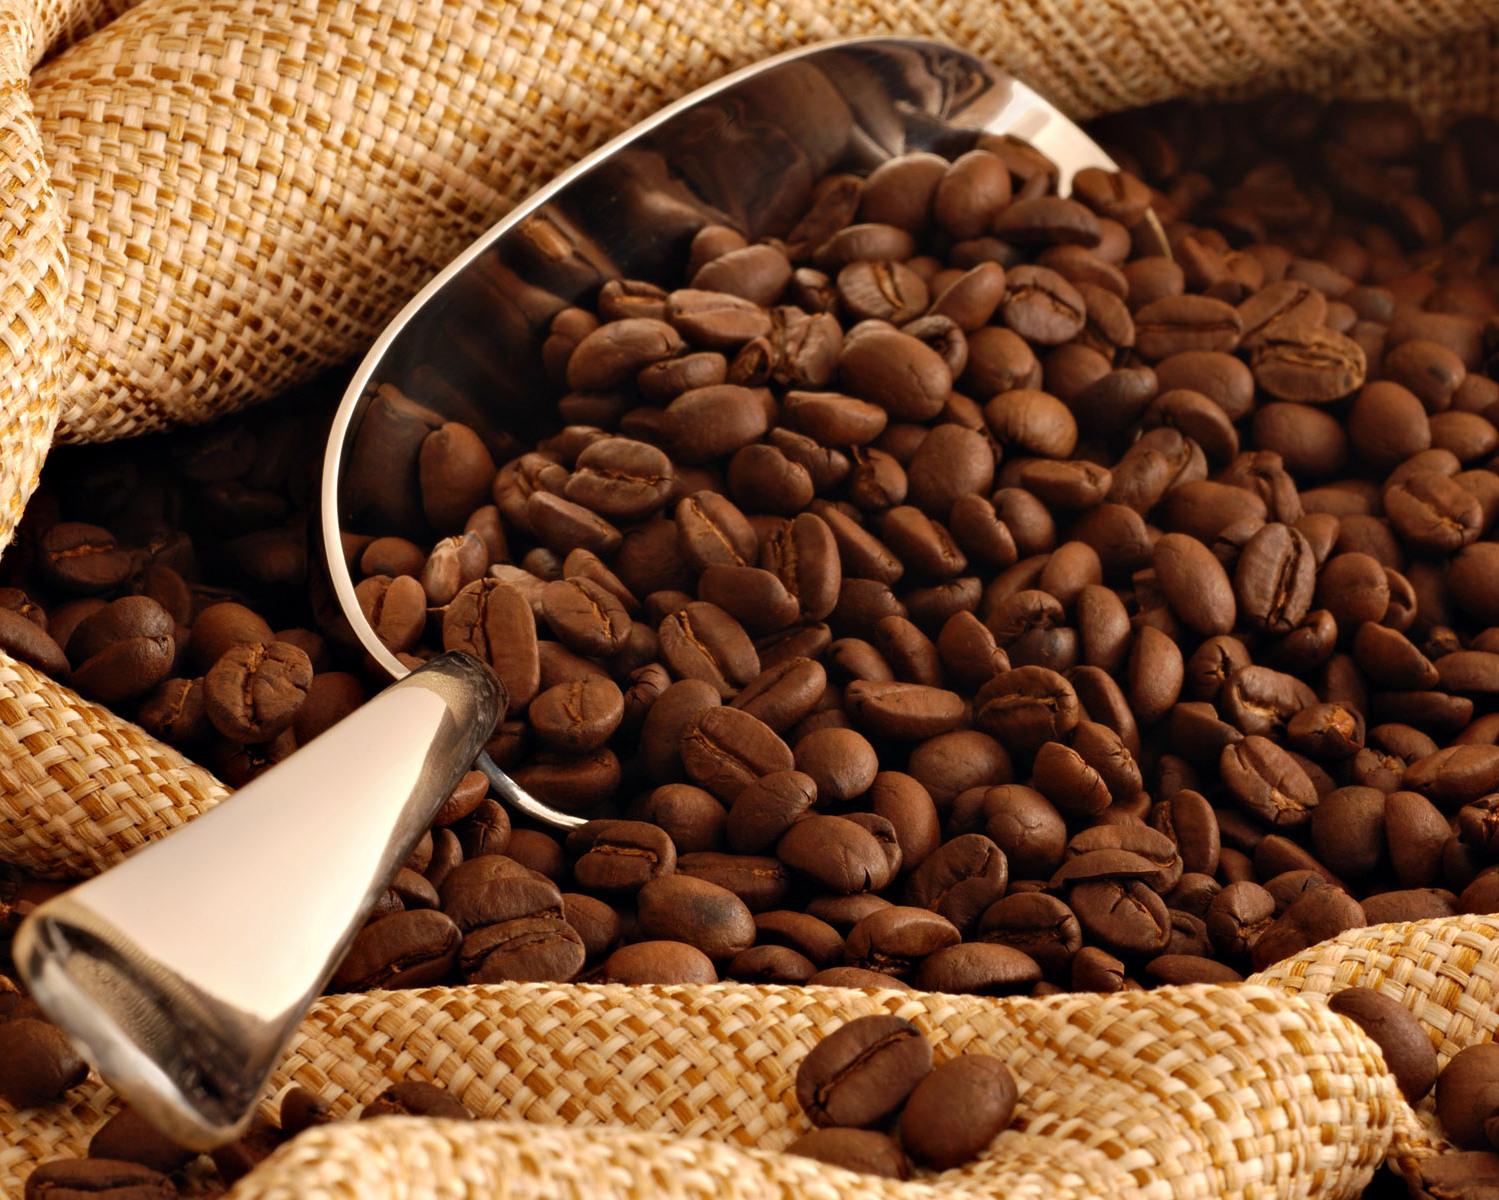 ученые выяснили как кофе влияет на здоровье человека